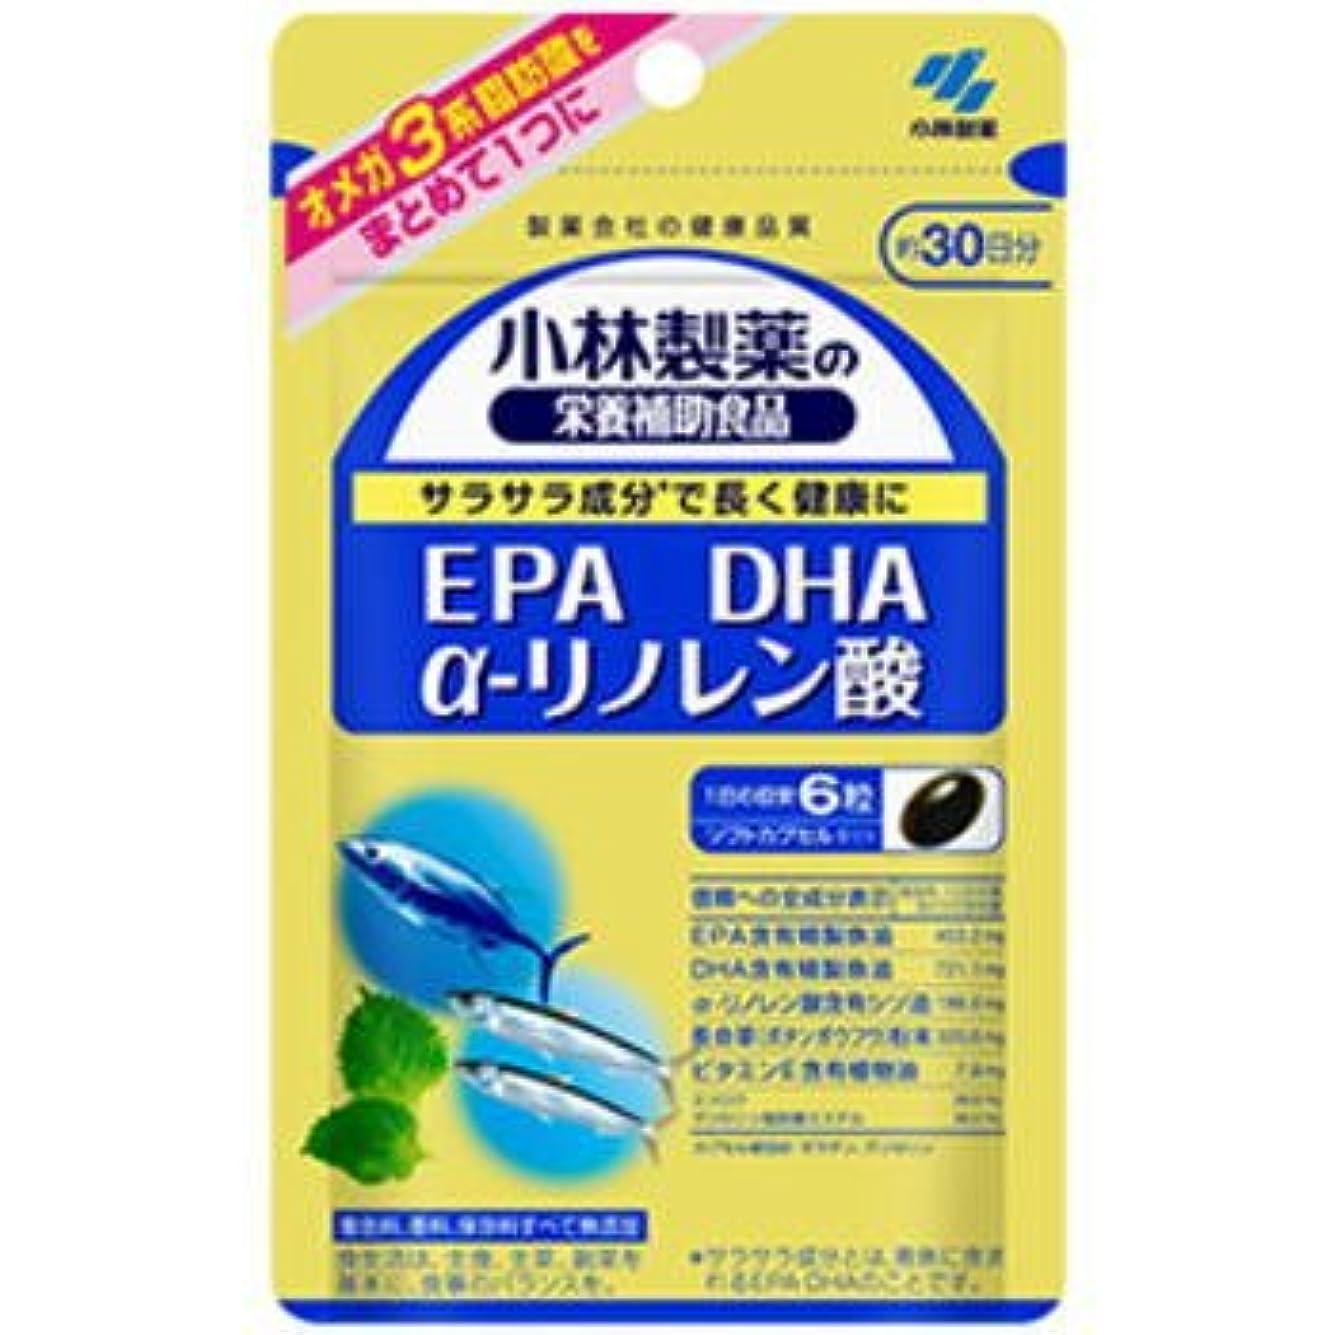 川鏡細胞小林製薬 EPA DHA α-リノレン酸 180粒【ネコポス発送】